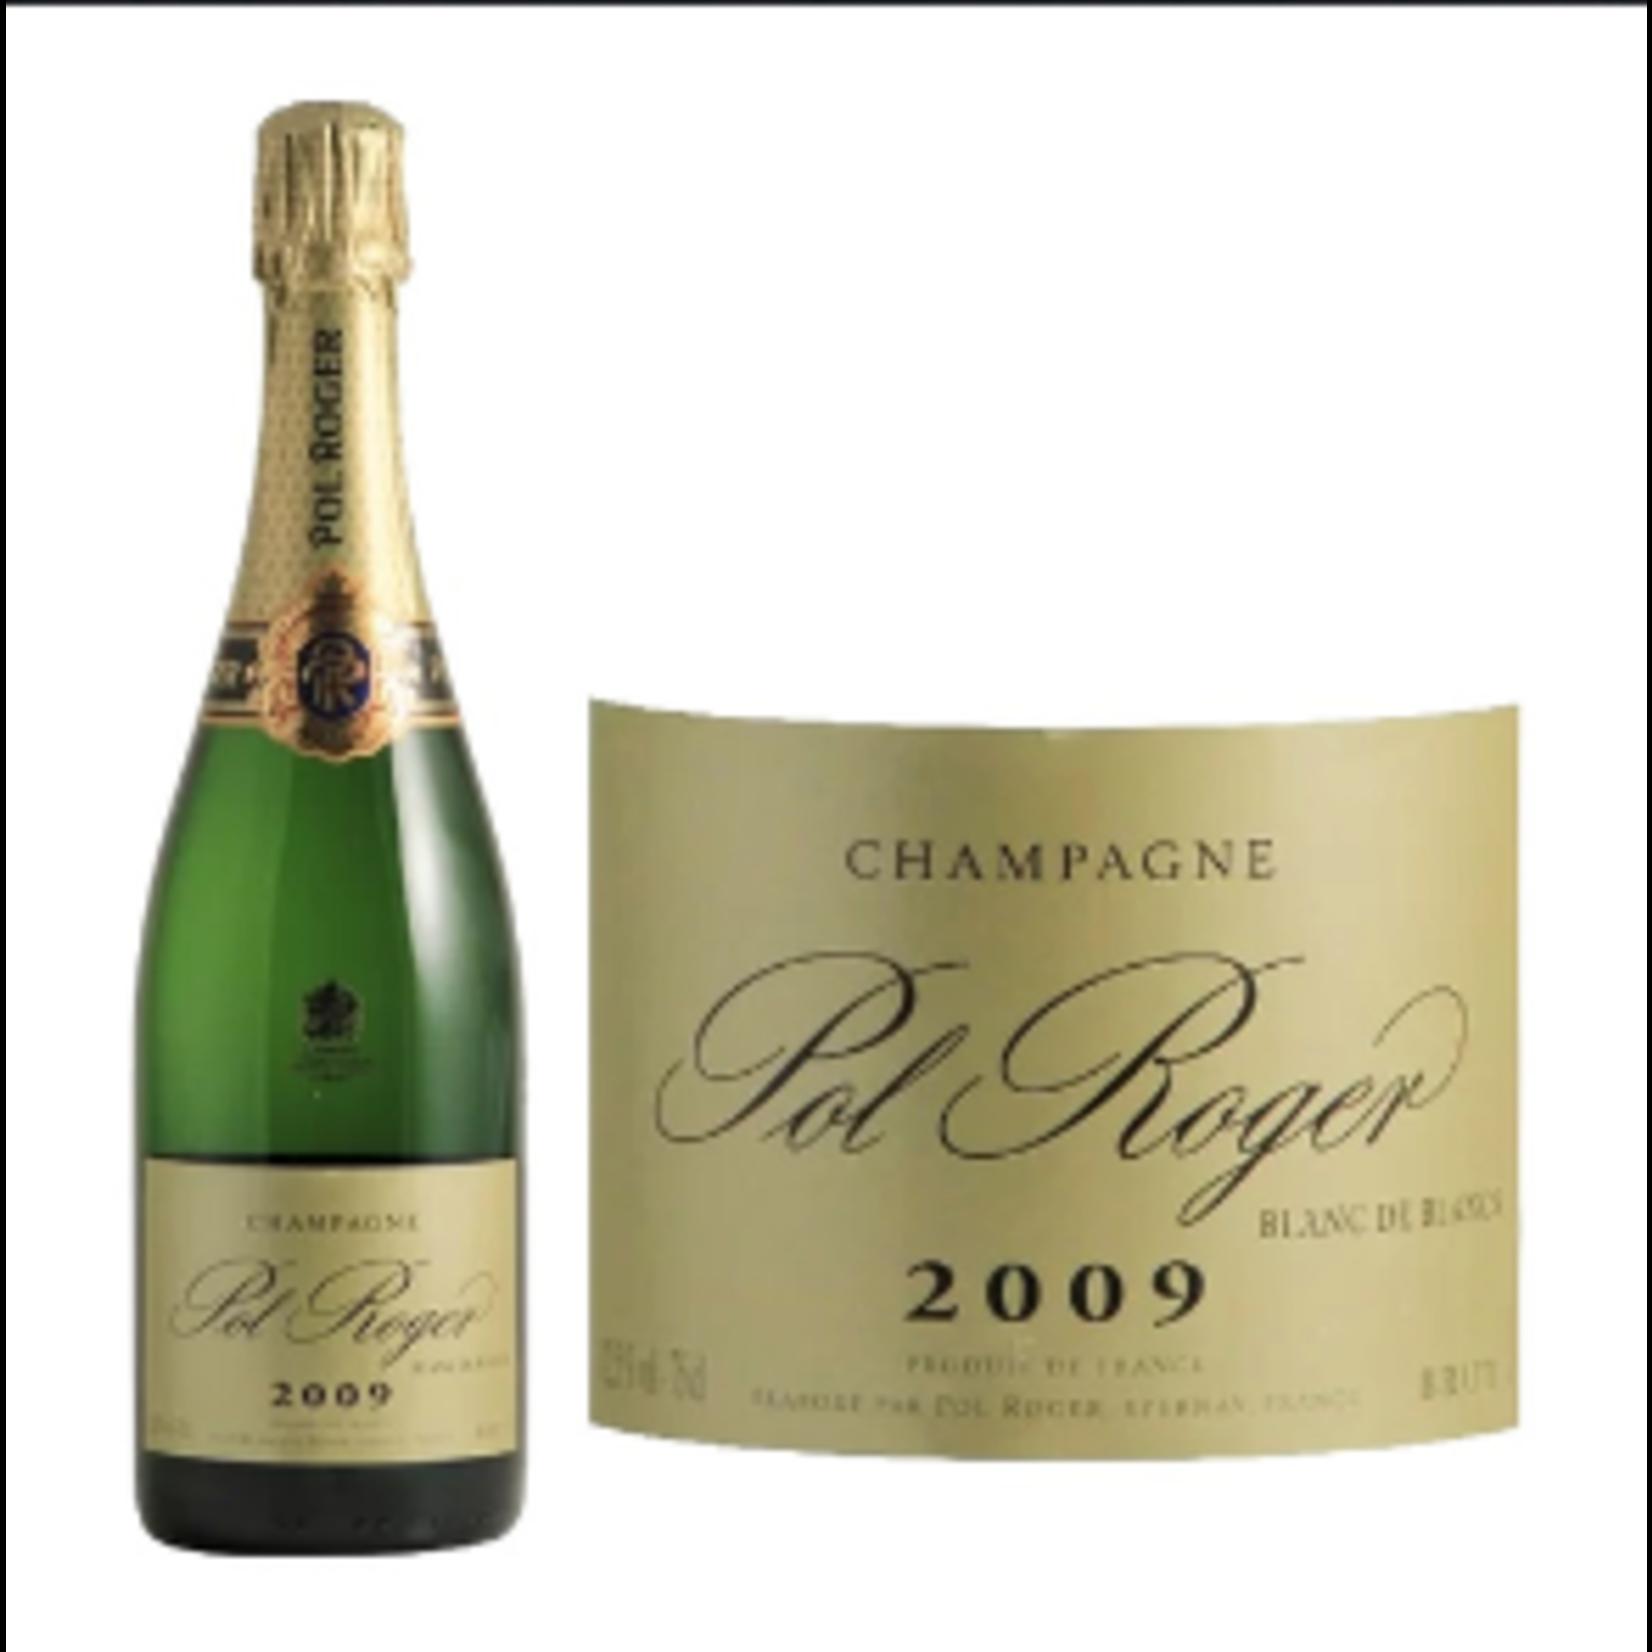 Pol Roger Pol Roger Brut Blanc De Blanc Champagne 2009 Champagne, France 95pts-WE